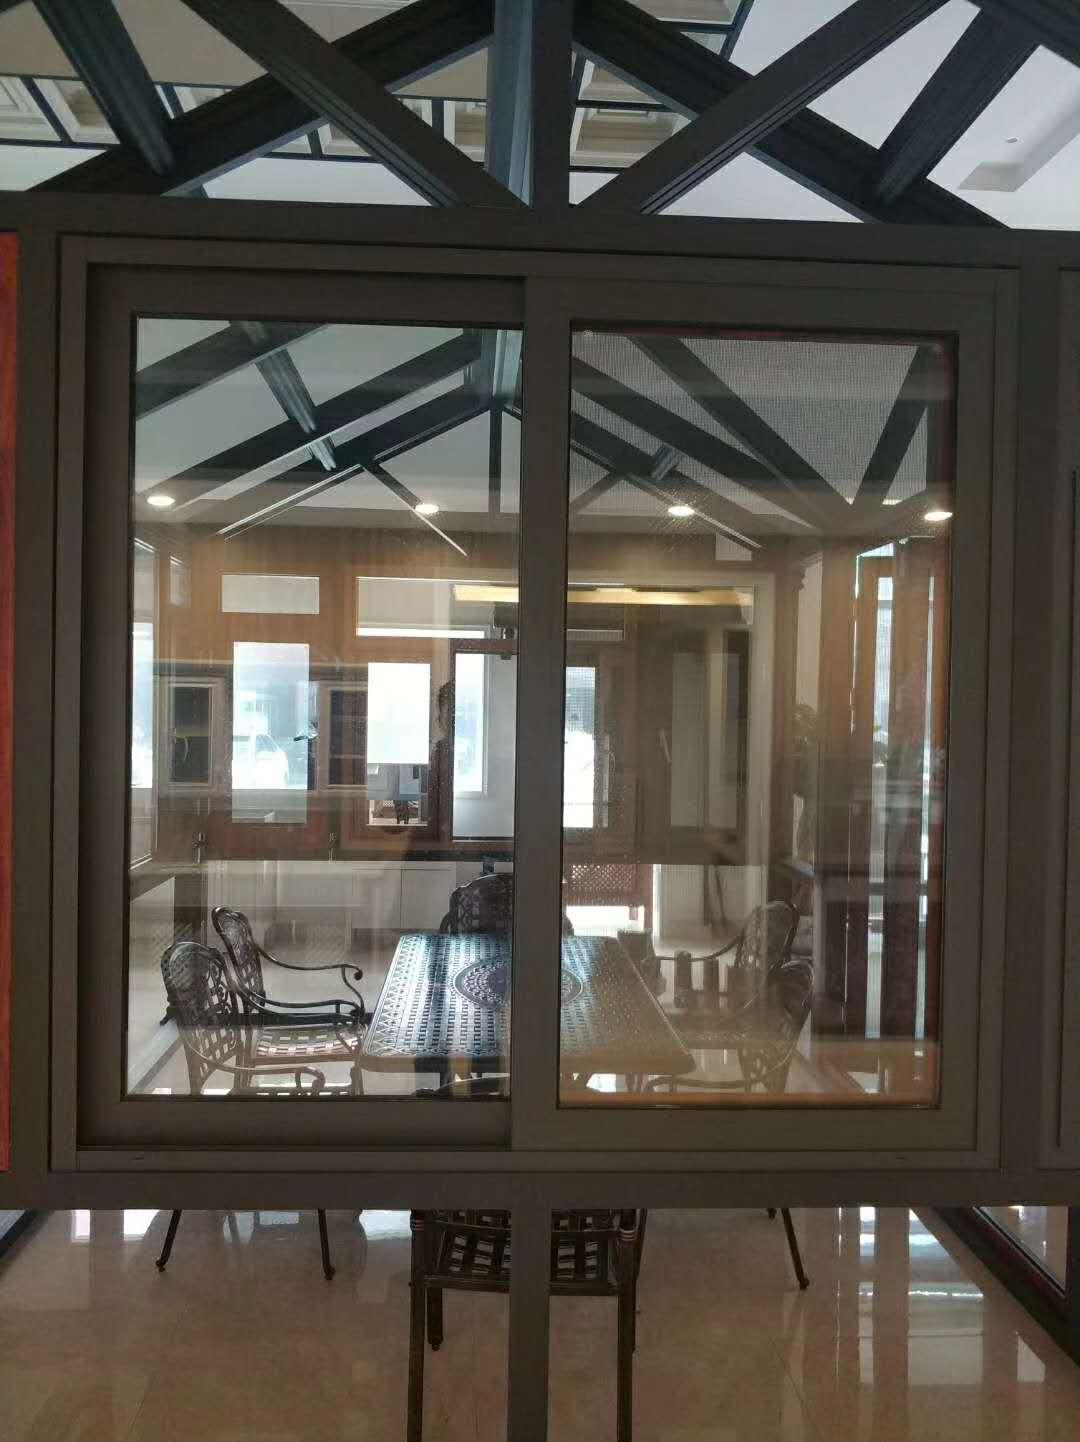 浙江优质105断桥 三轨推拉窗可量尺定做,105断桥 三轨推拉窗